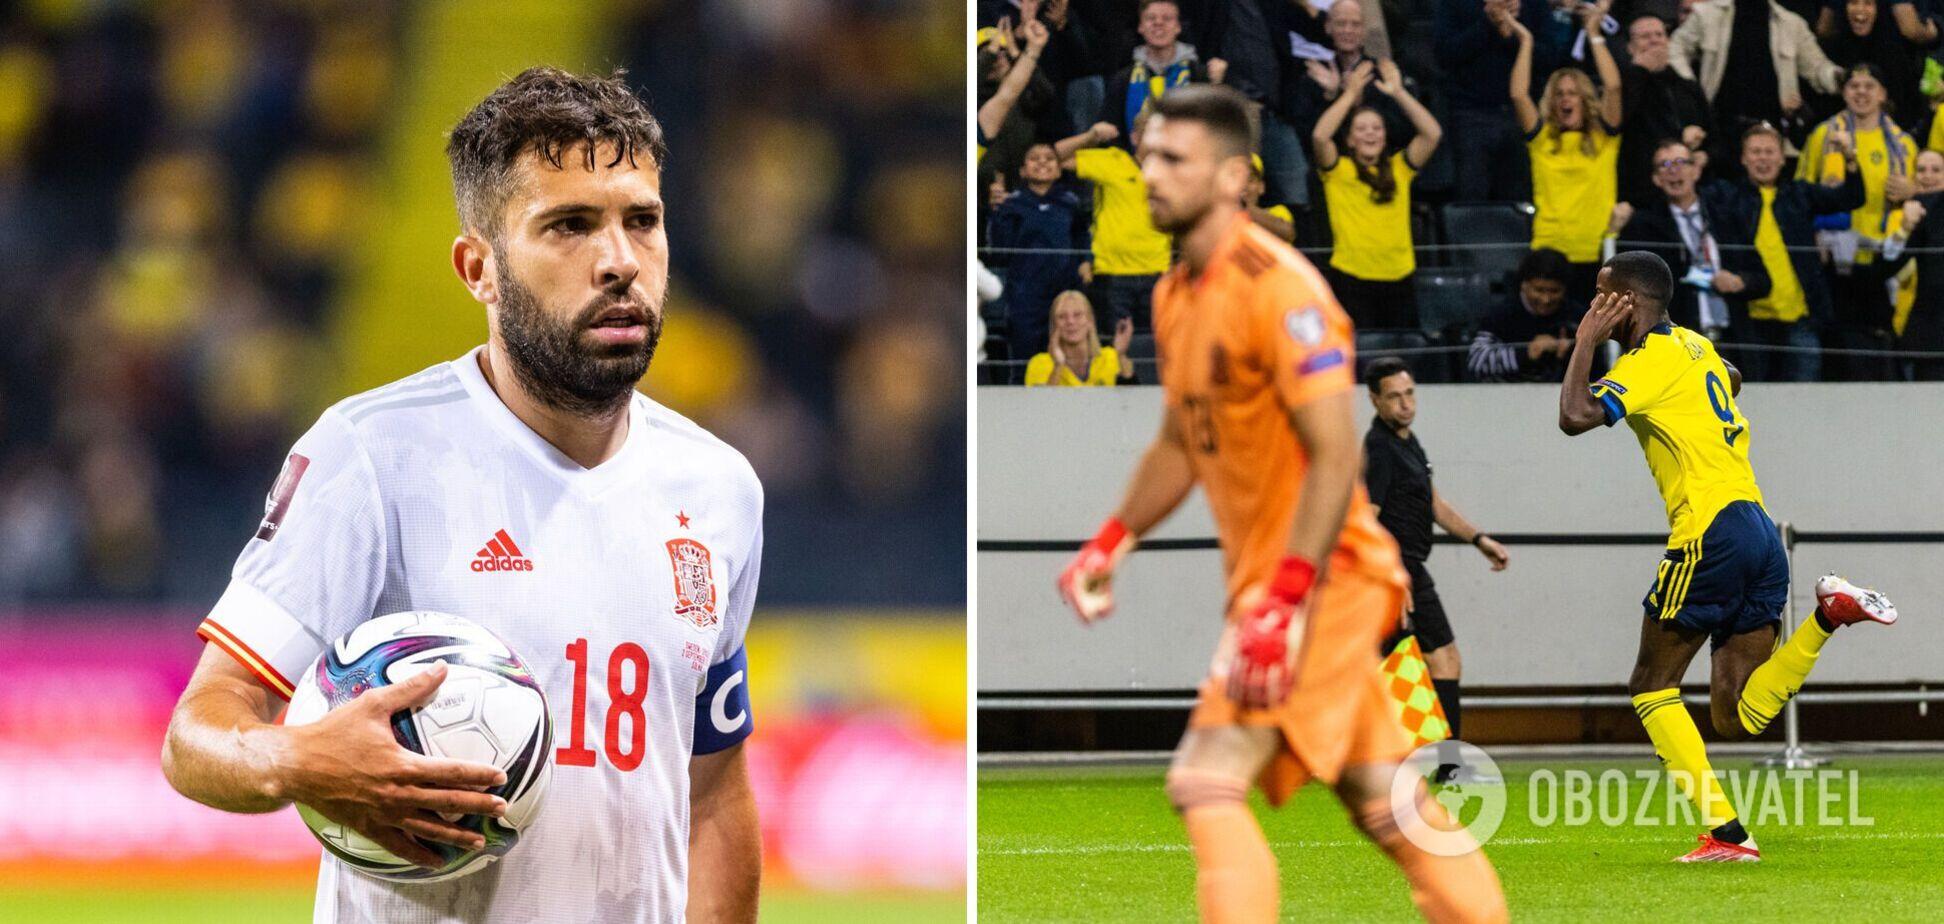 Швеція Іспанія результат матчу 02 09 2021